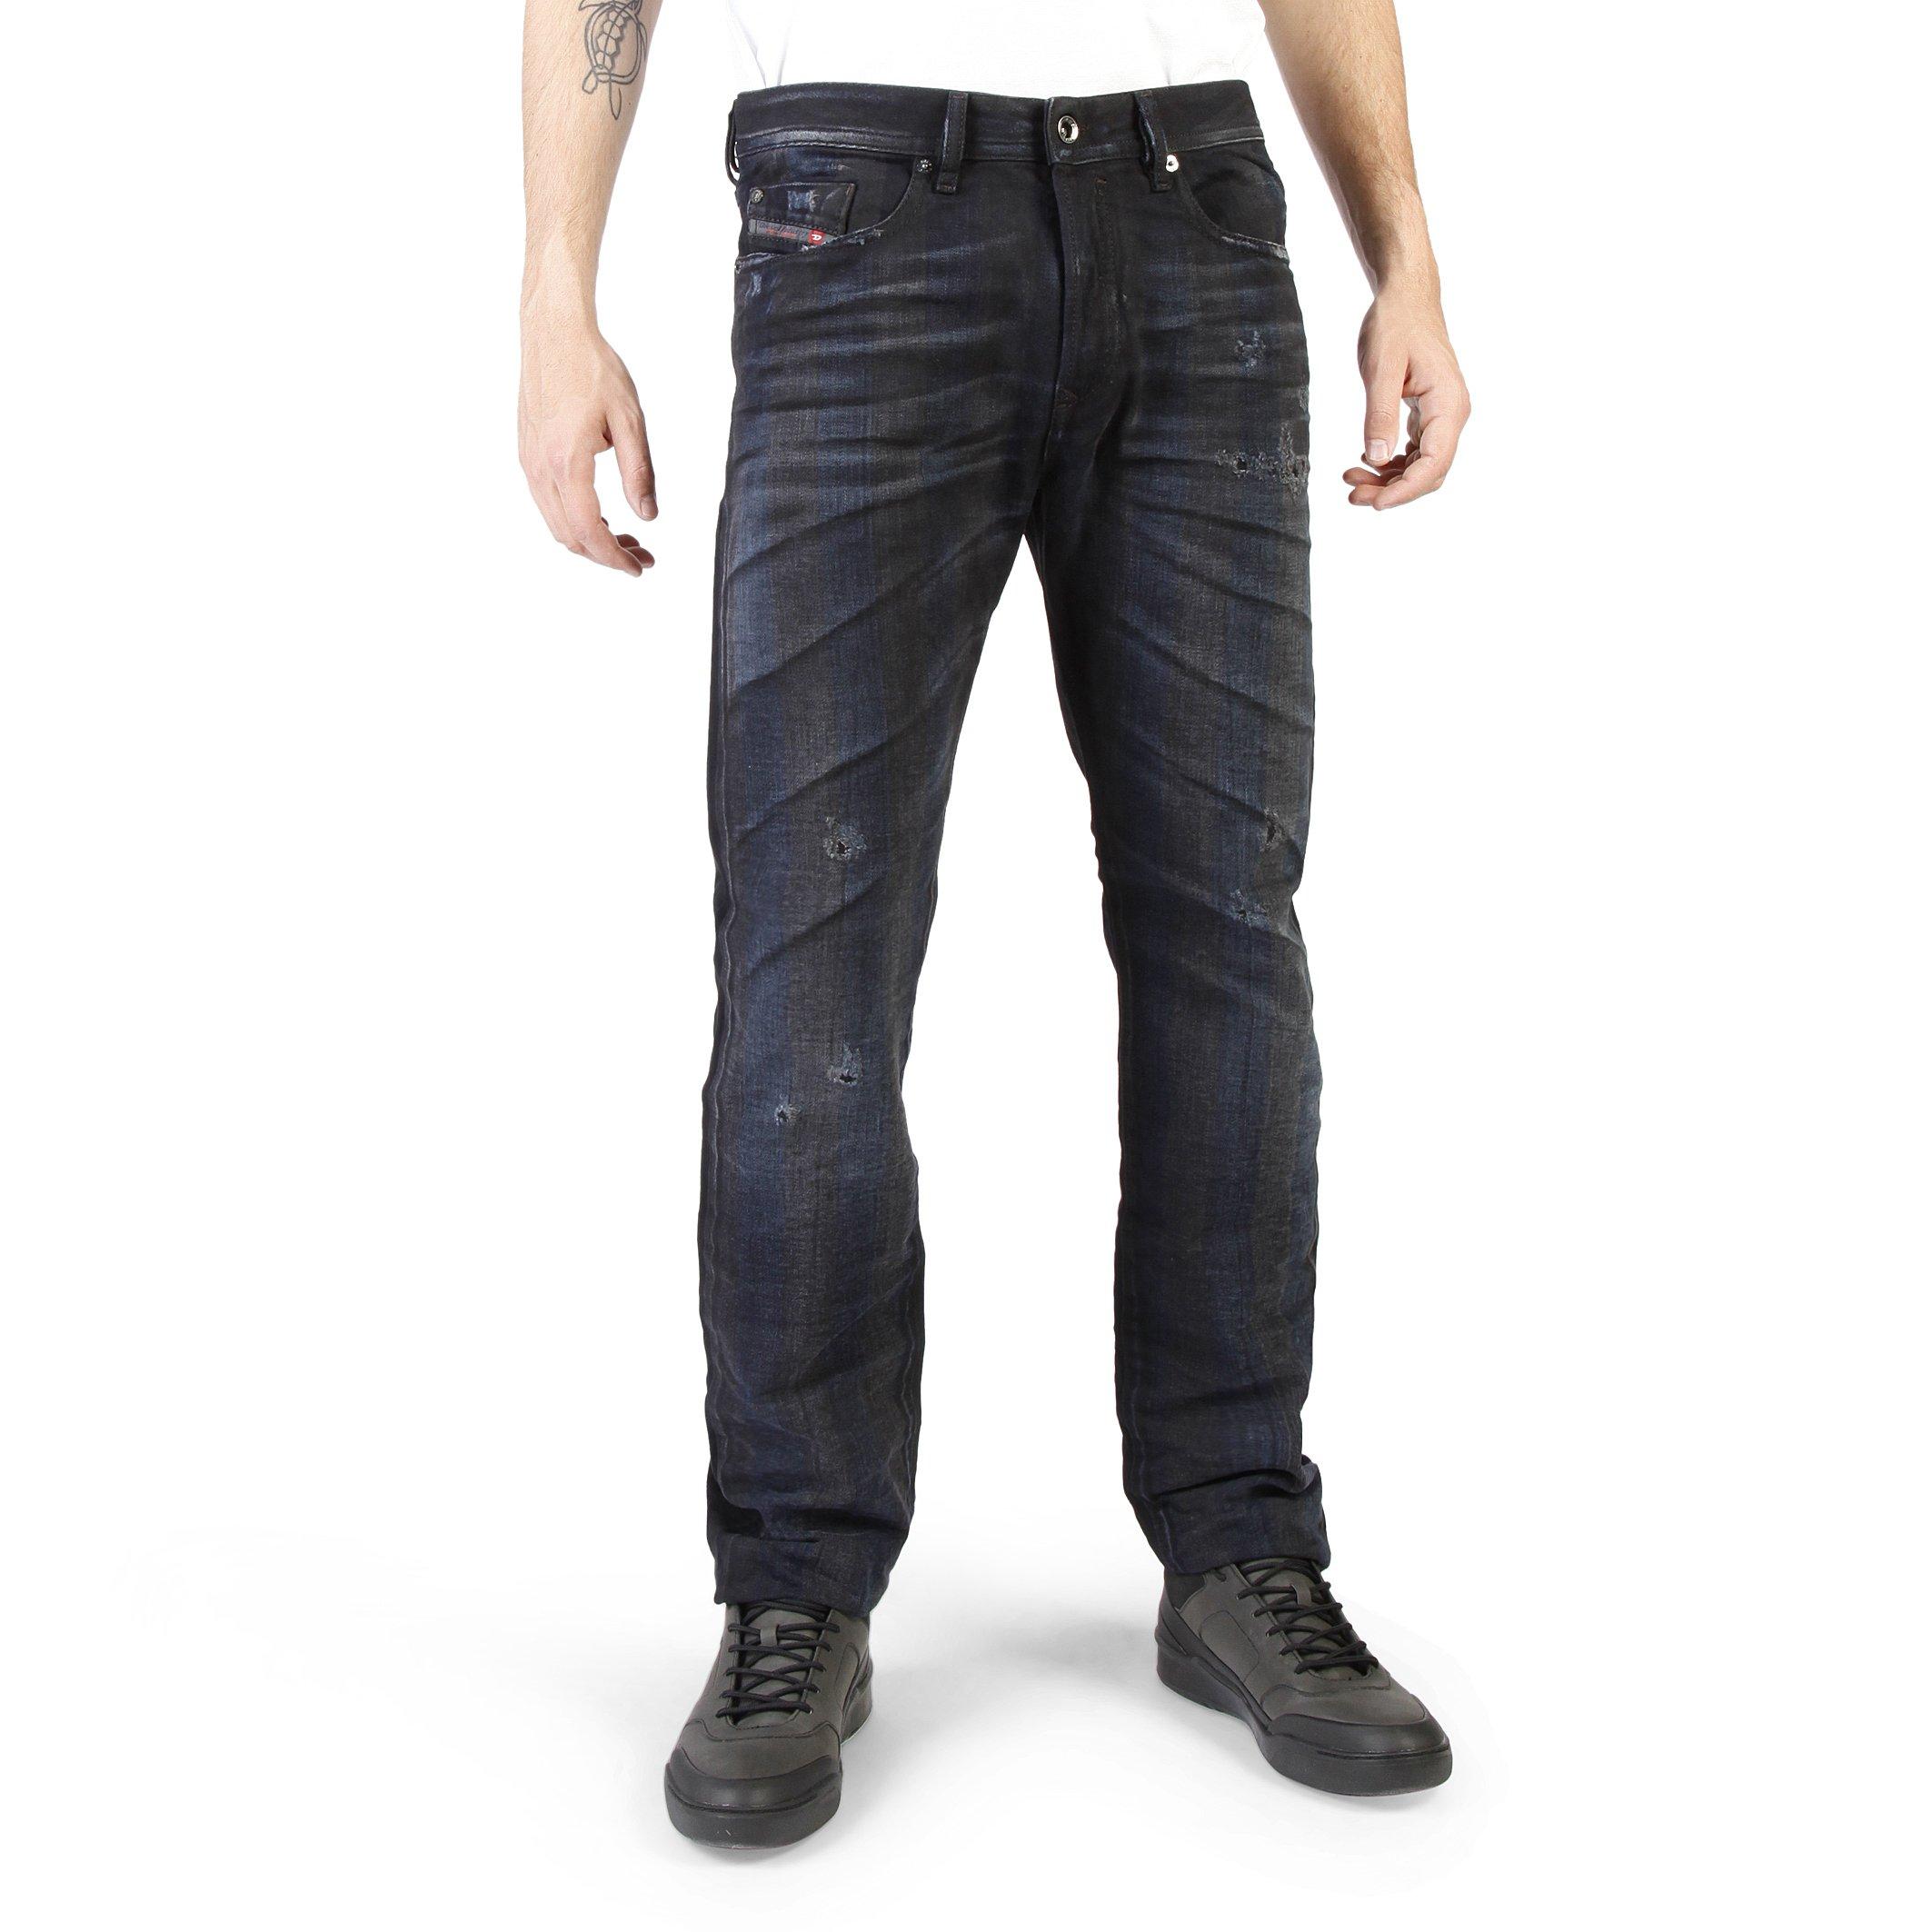 Diesel Men's Jeans Various Colours BUSTER_L32_00SDHB - black 29